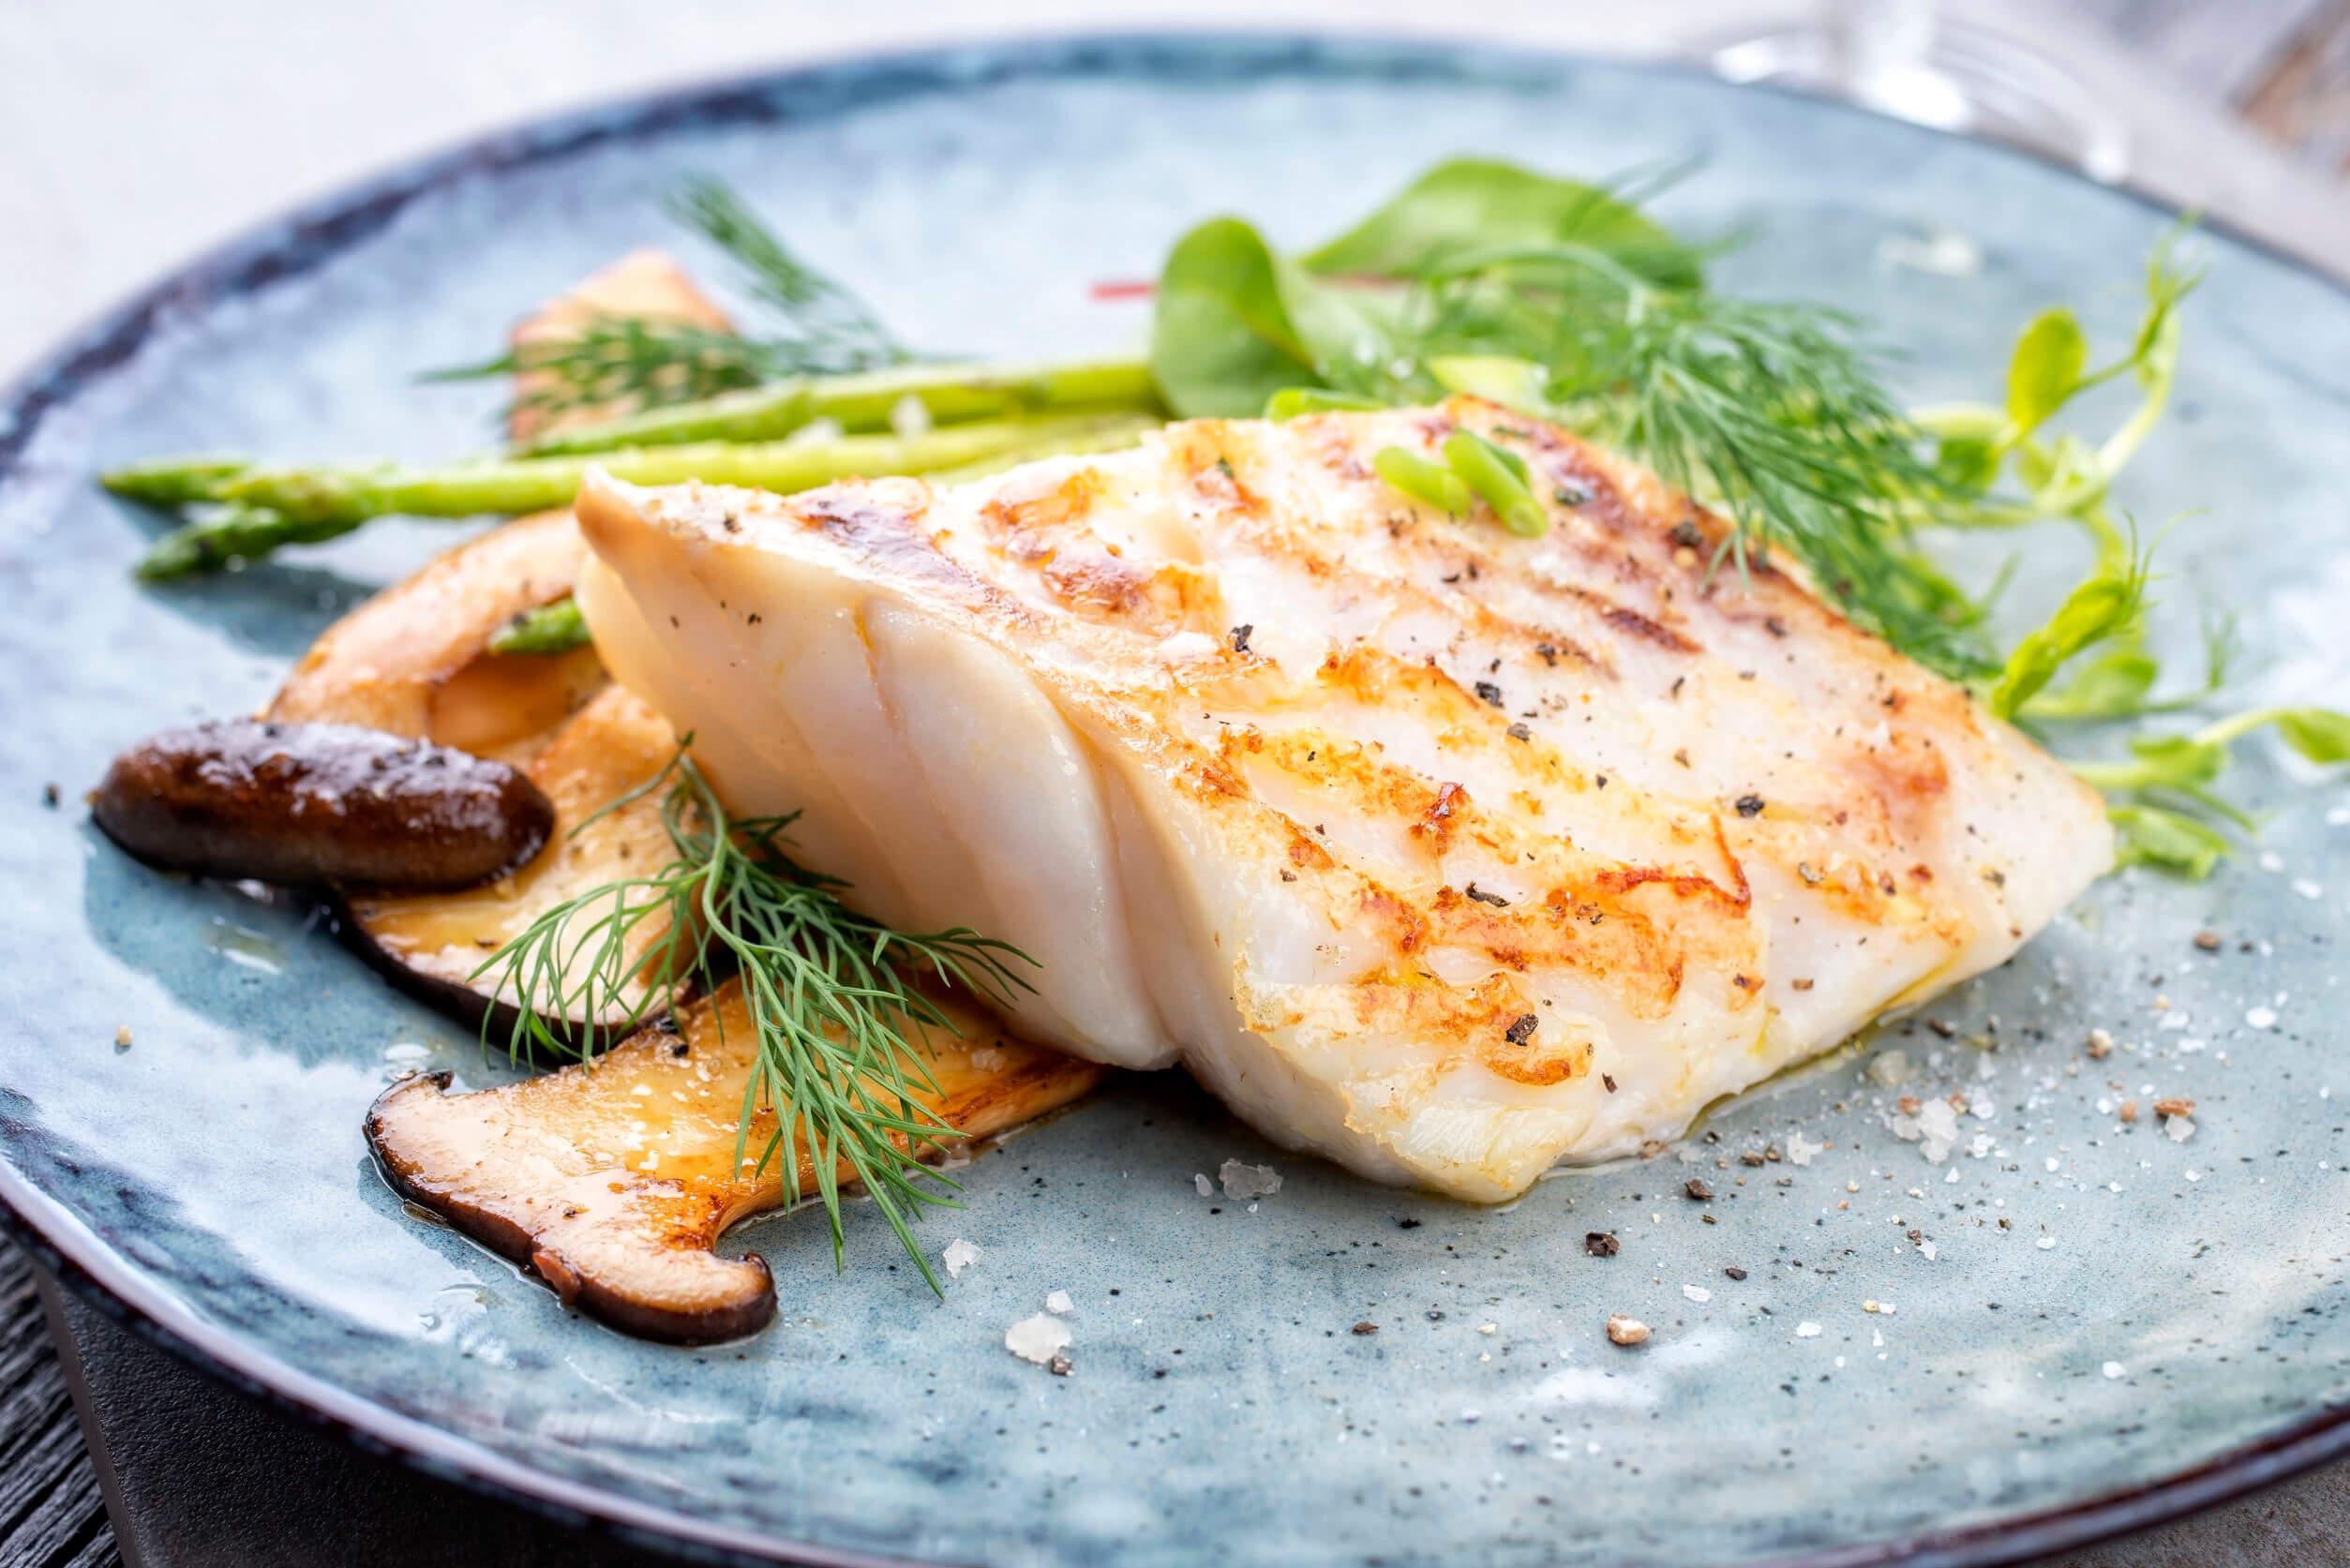 El pescado es una excelente fuente de ácidos grasos omega 3.